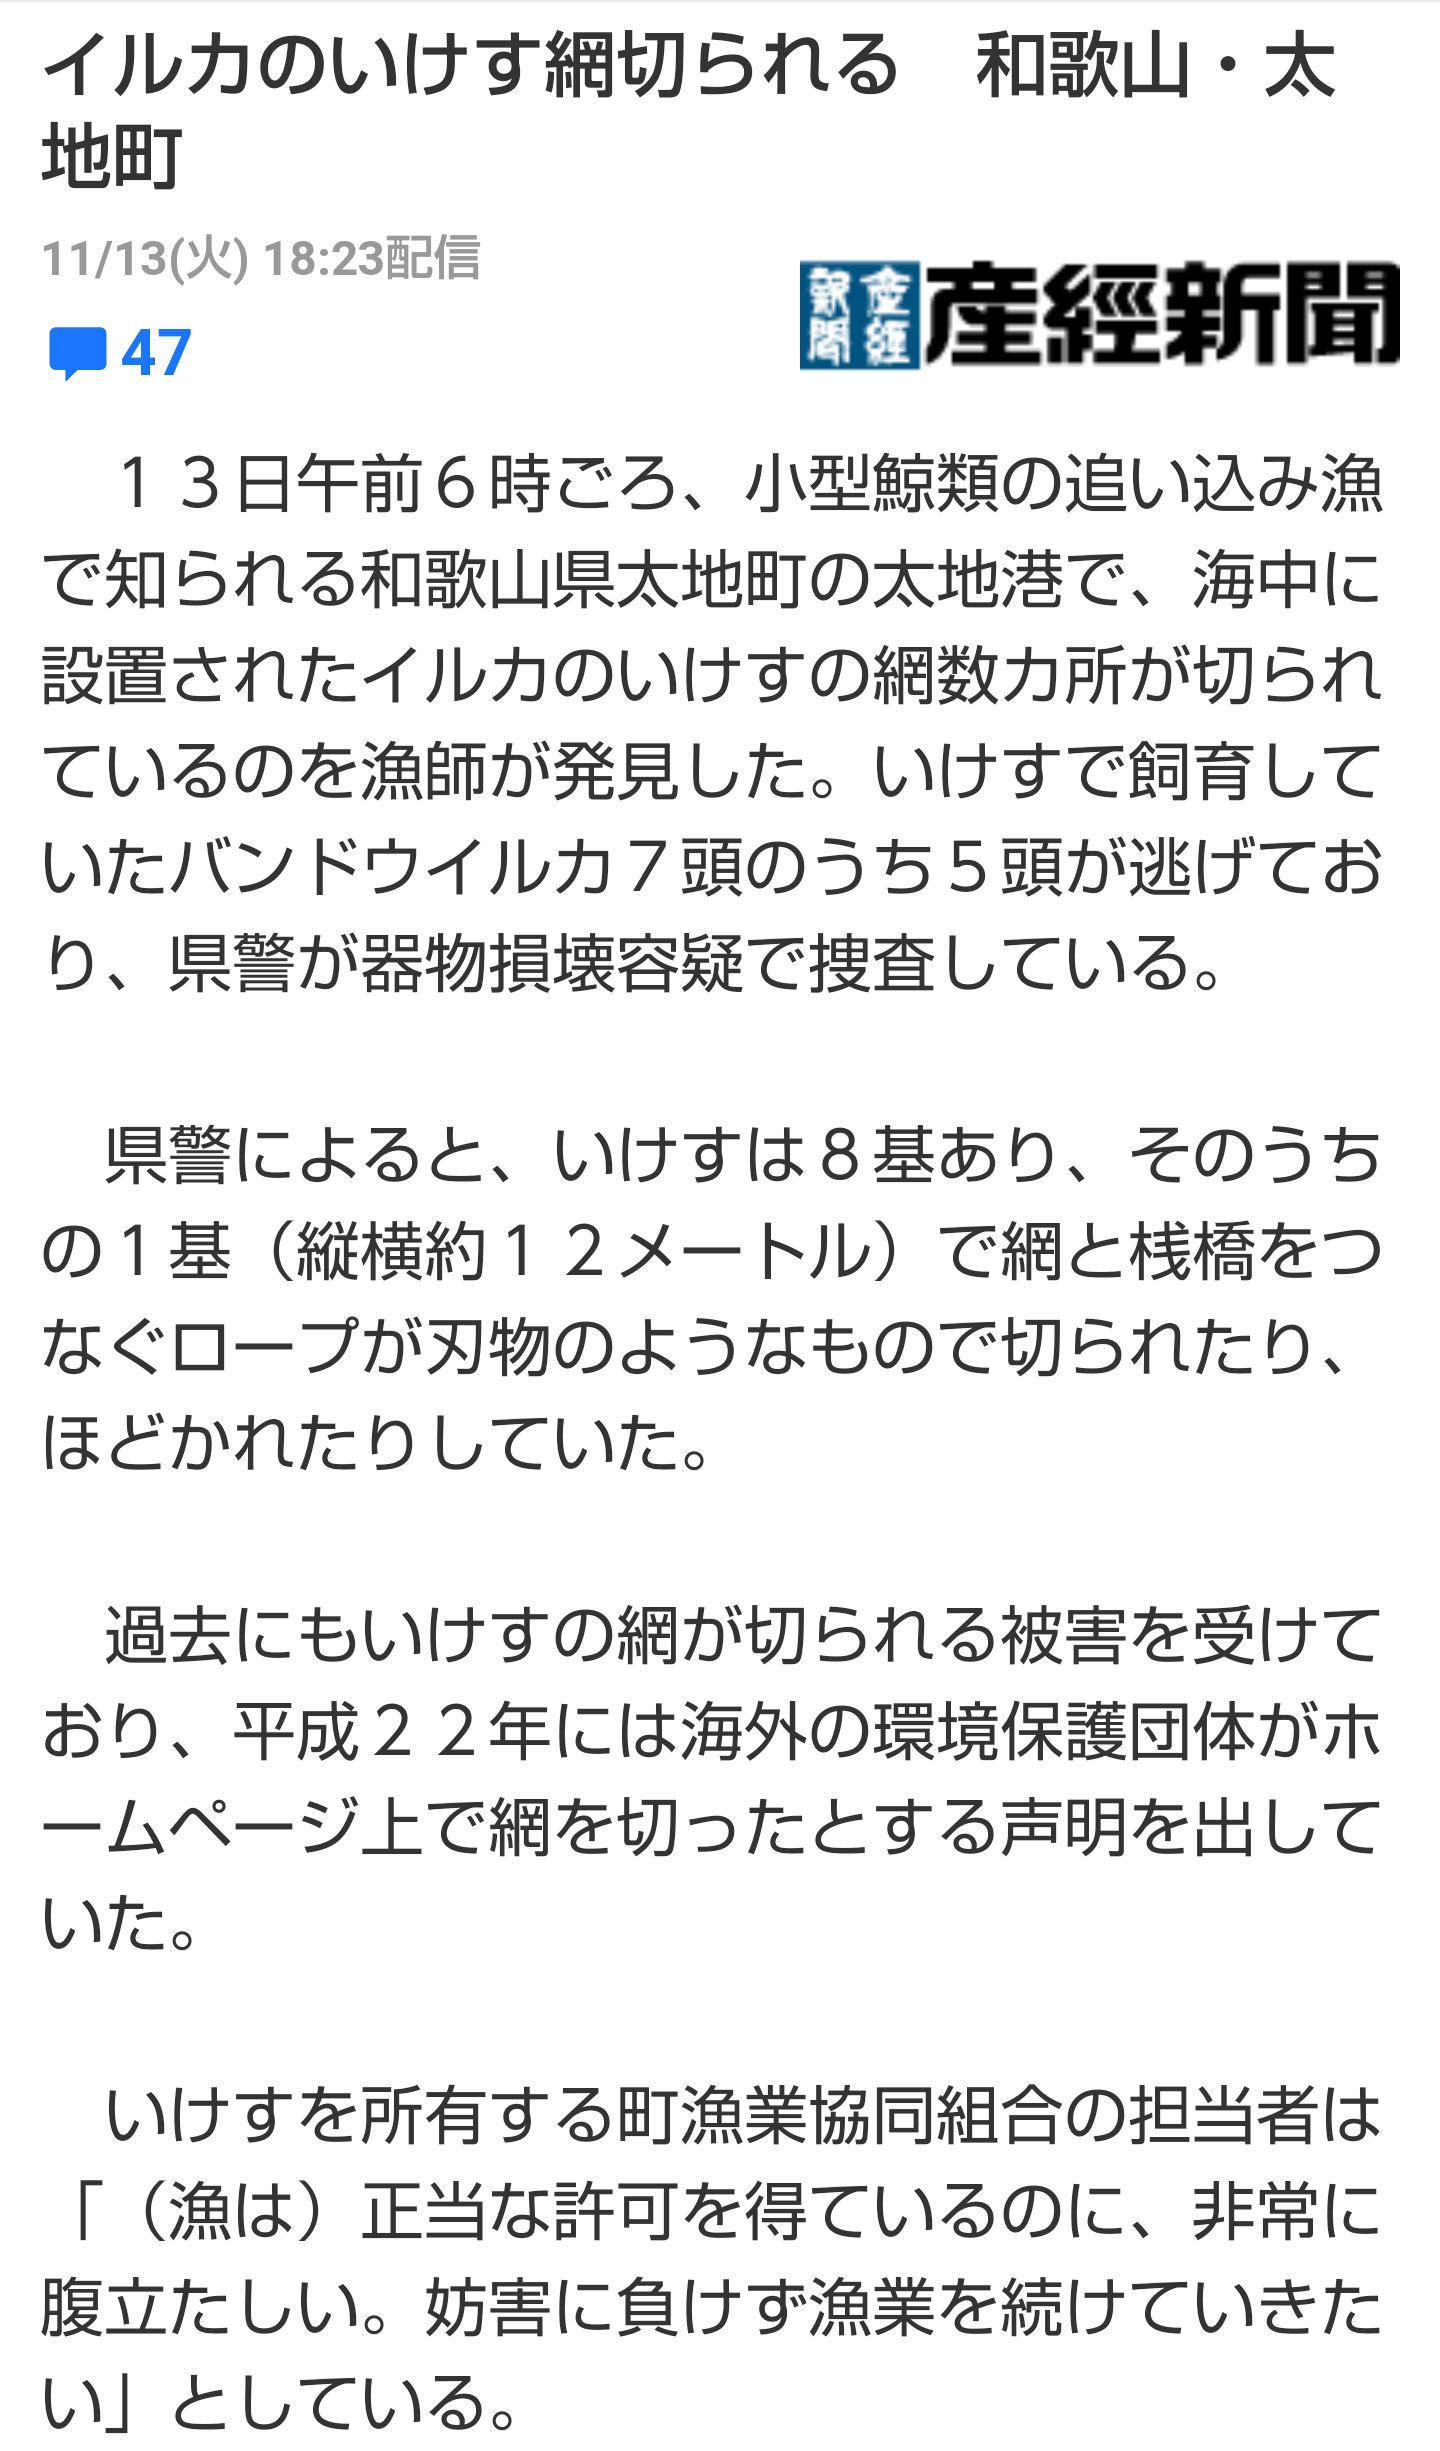 irukanews3.jpg